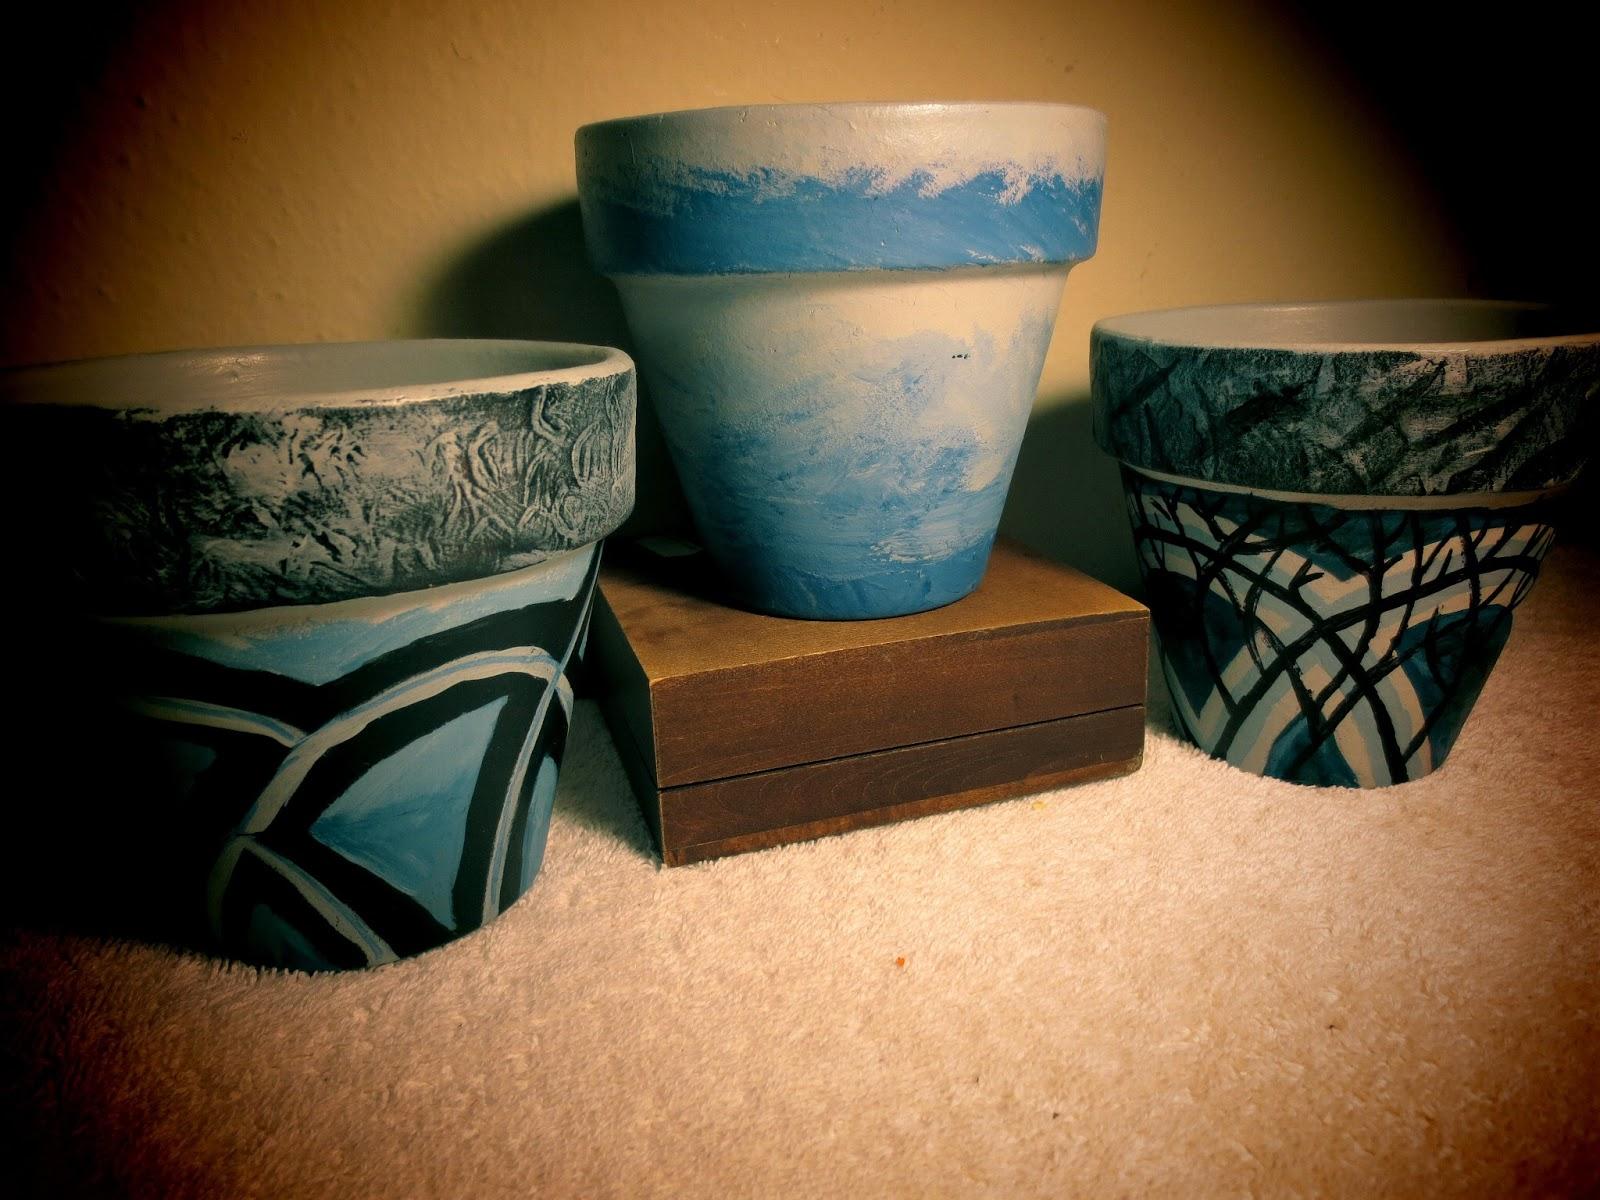 garden wink my garden pottery designs 4